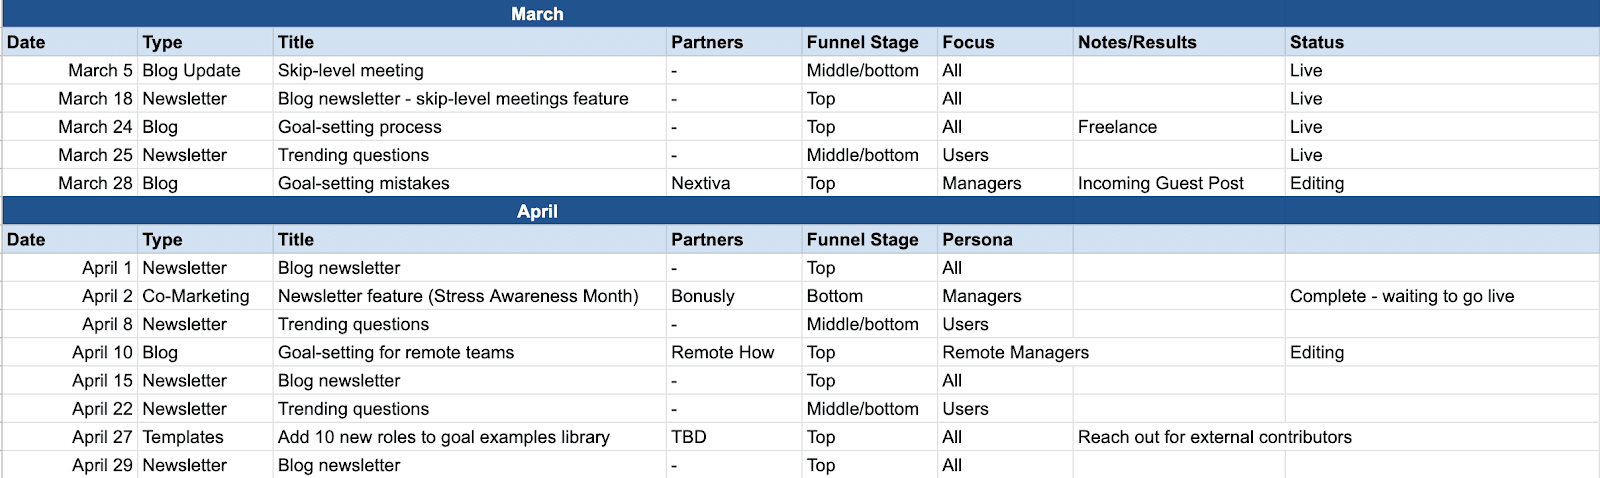 Функциональная таблица для одного человека